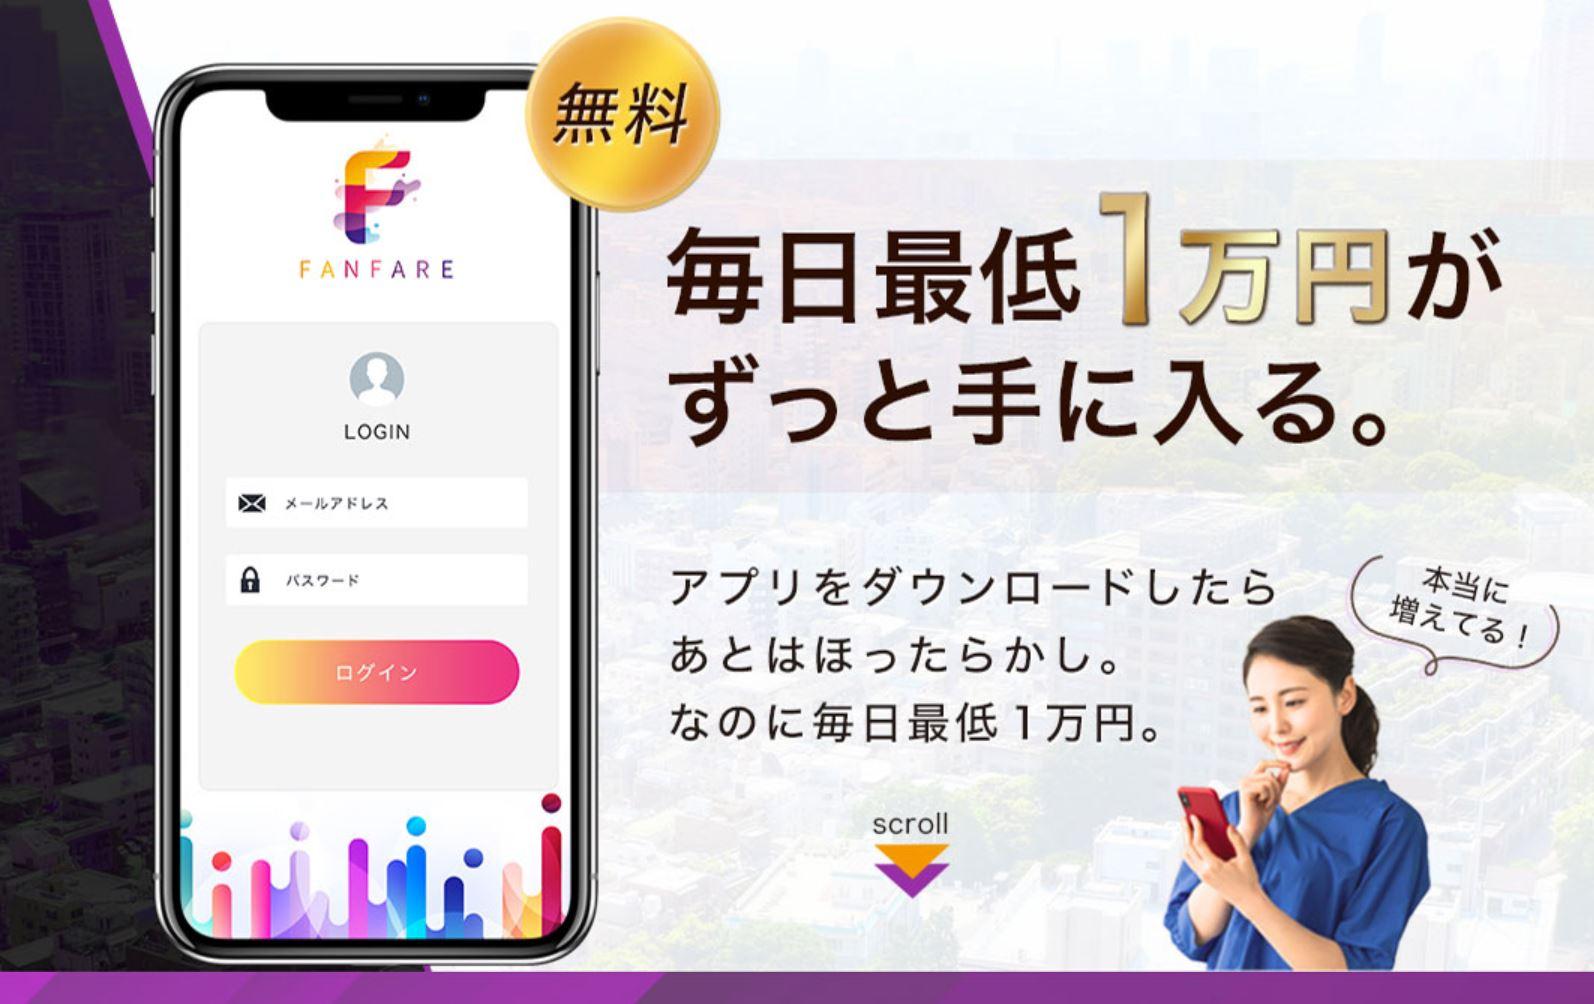 デモサイトに要注意 藤沢琴音 FANFARE 毎日最低1万円は本当か?副業